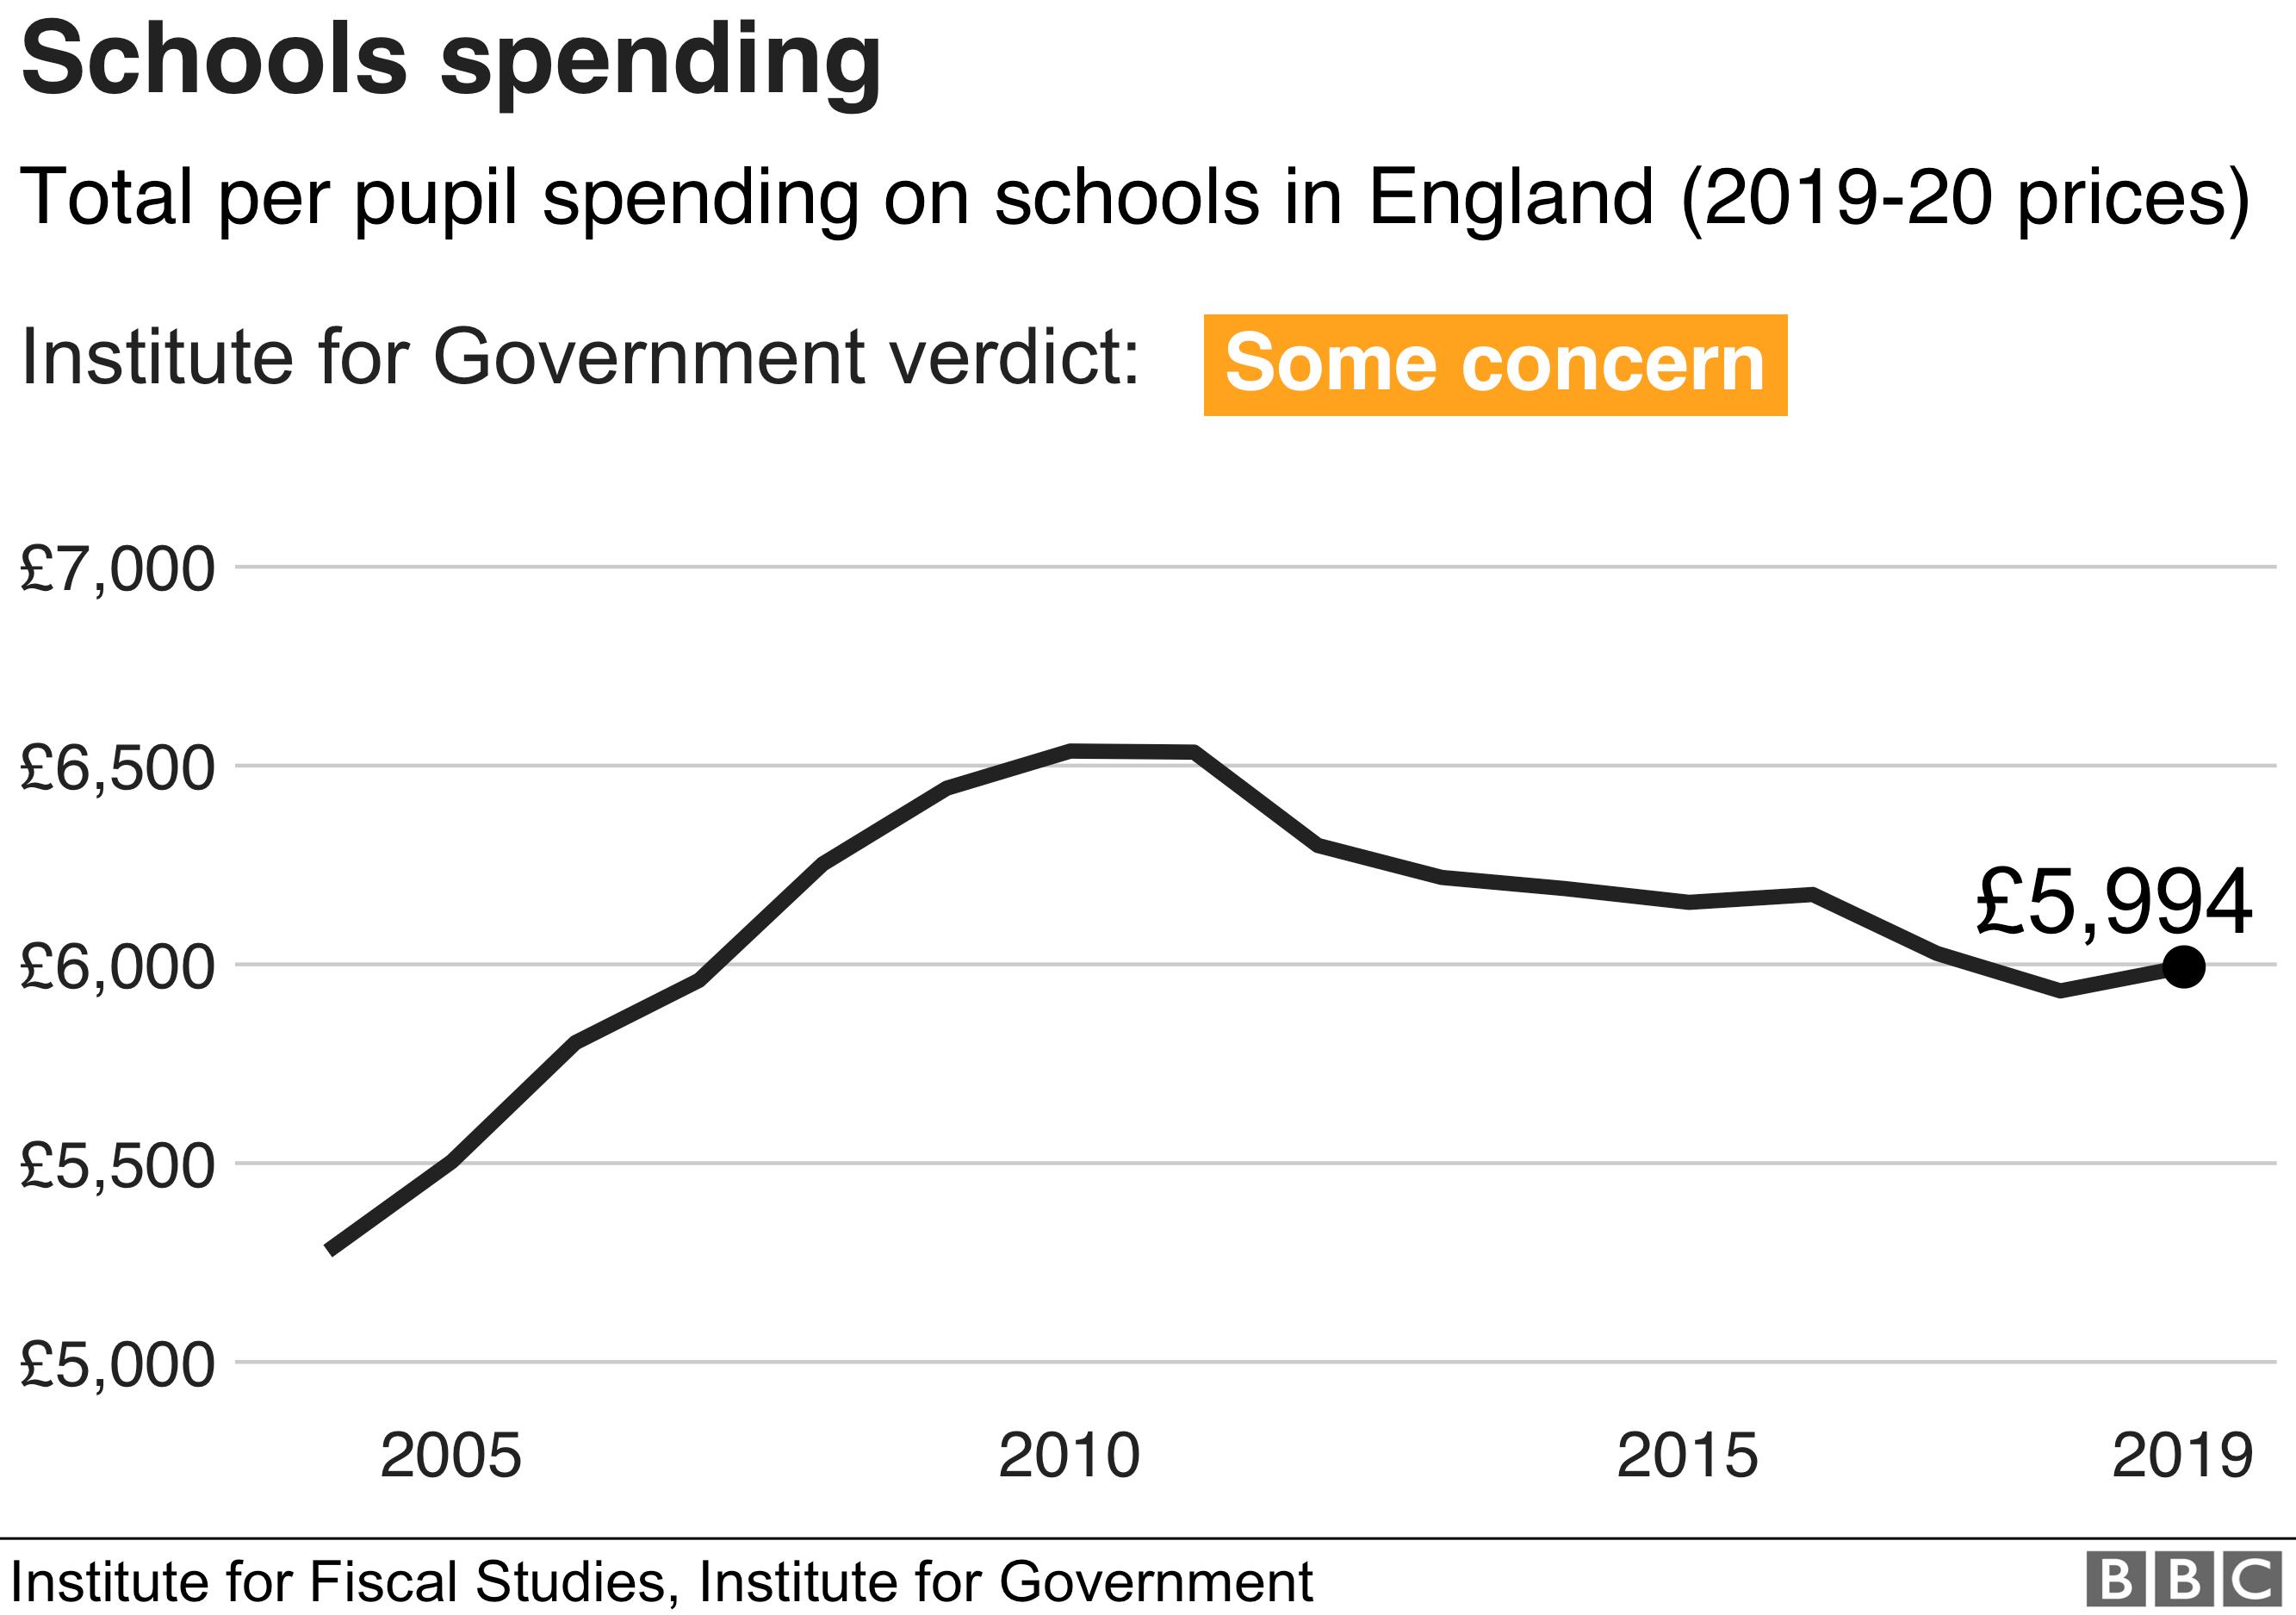 Schools spending